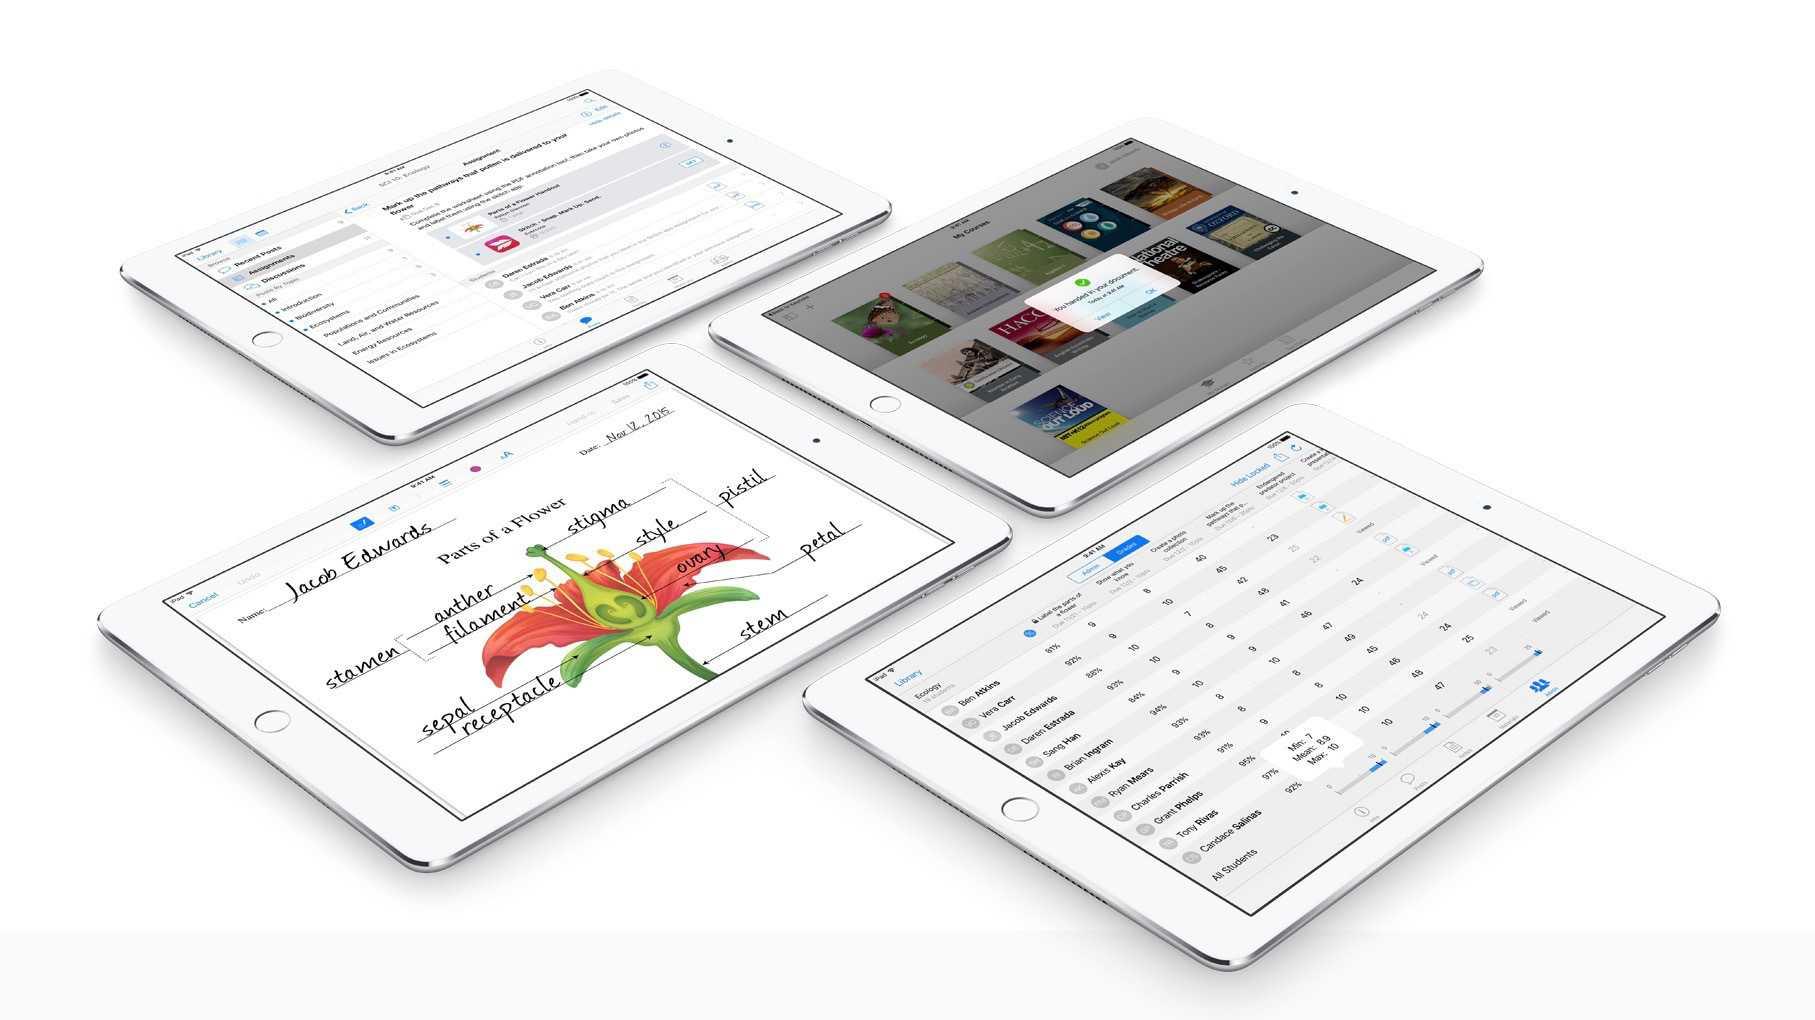 Lern-App iTunes U öffnet sich für Cloud-Dienste